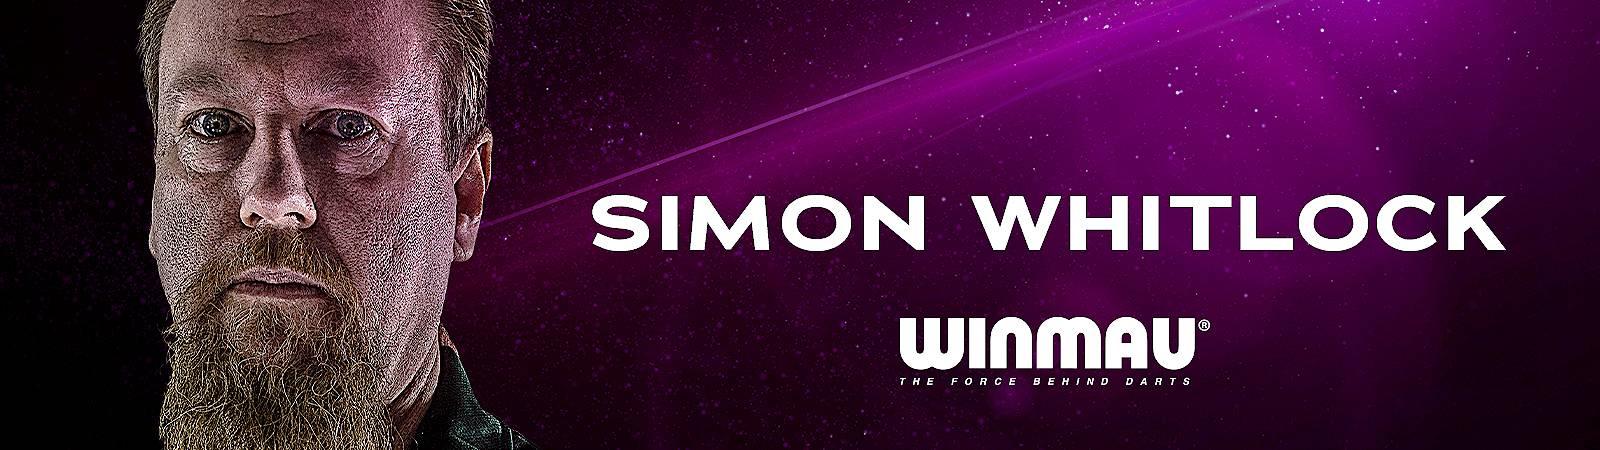 Winmau Simon Whitlock